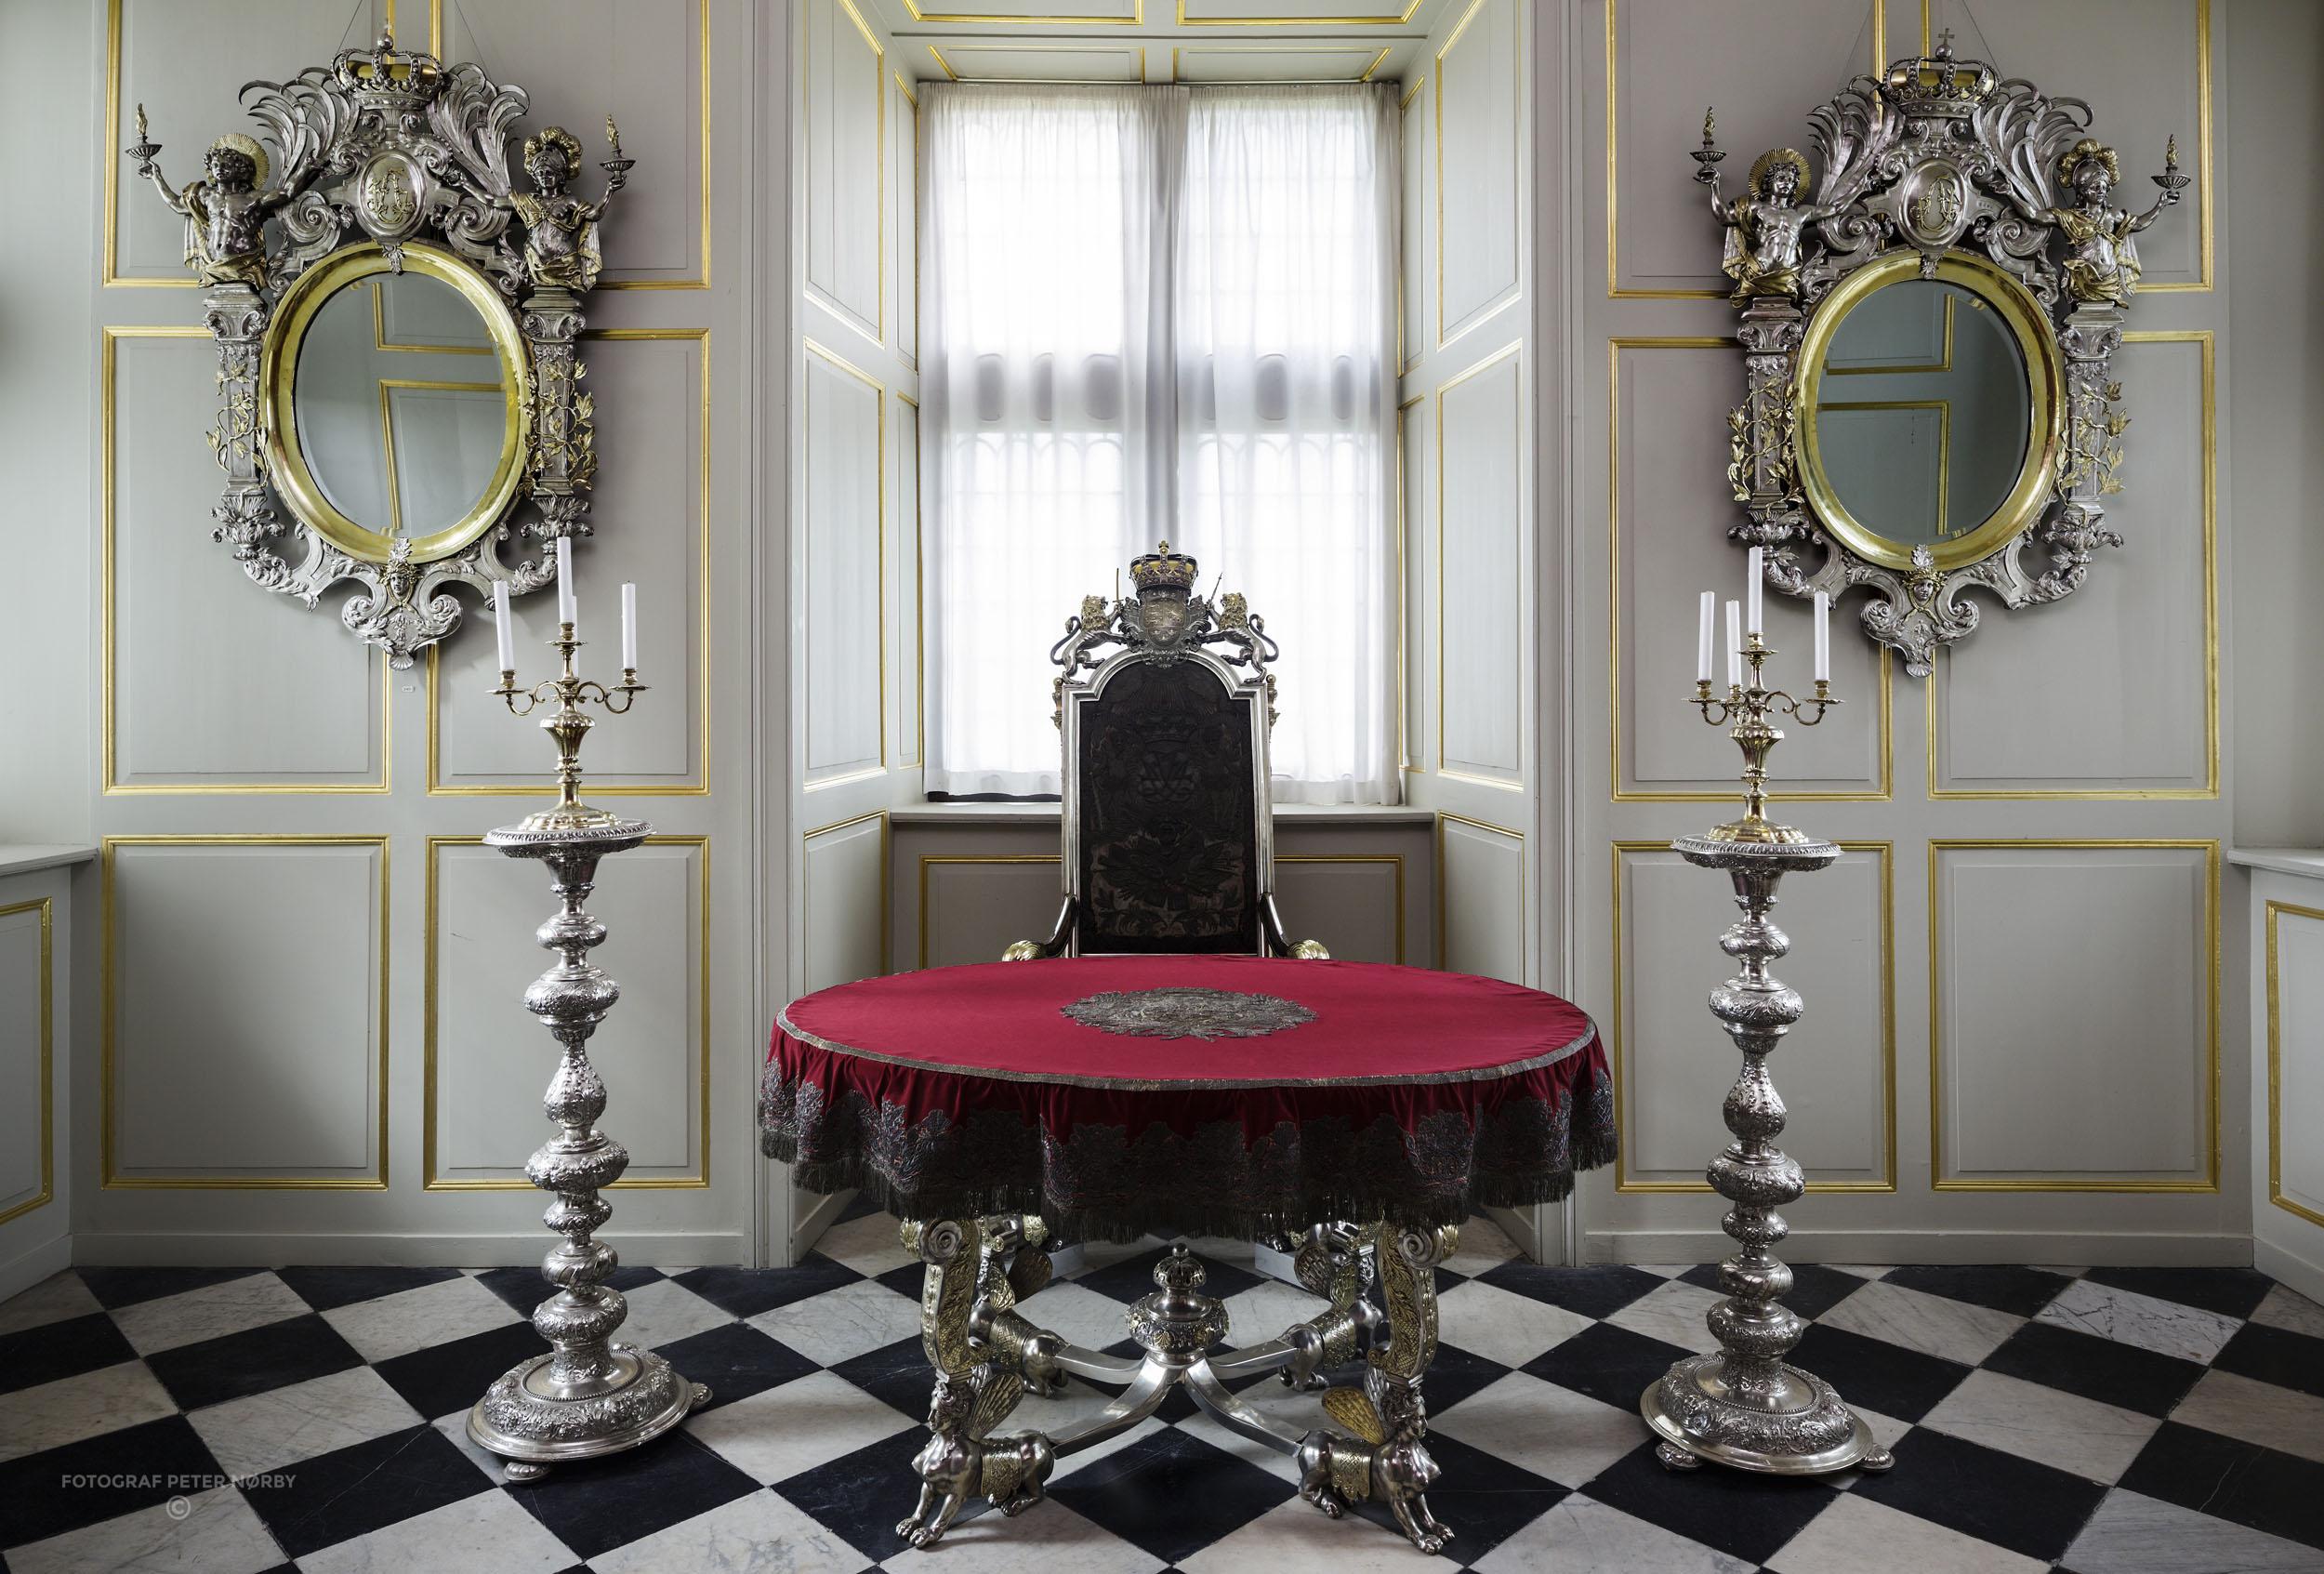 Rosenborg_Room24_01.jpg